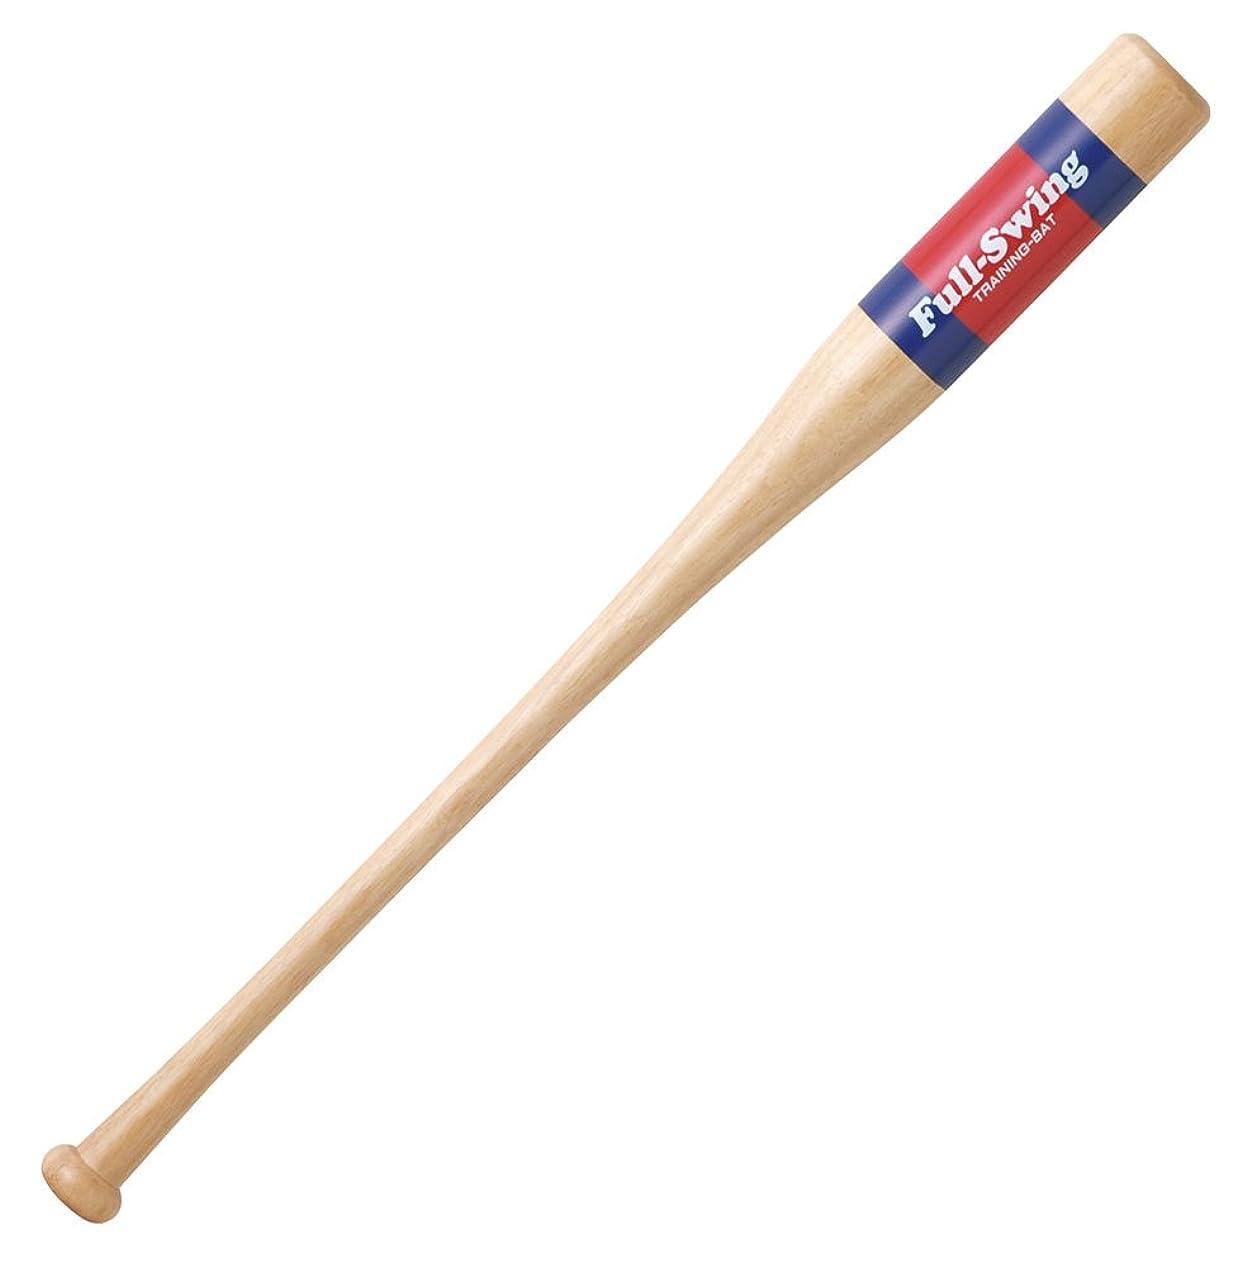 黒くする要求する保証asics(アシックス) 野球 バット トレーニング用 スターフォース 素振り兼ティー打撃可能 85cm BBTR04